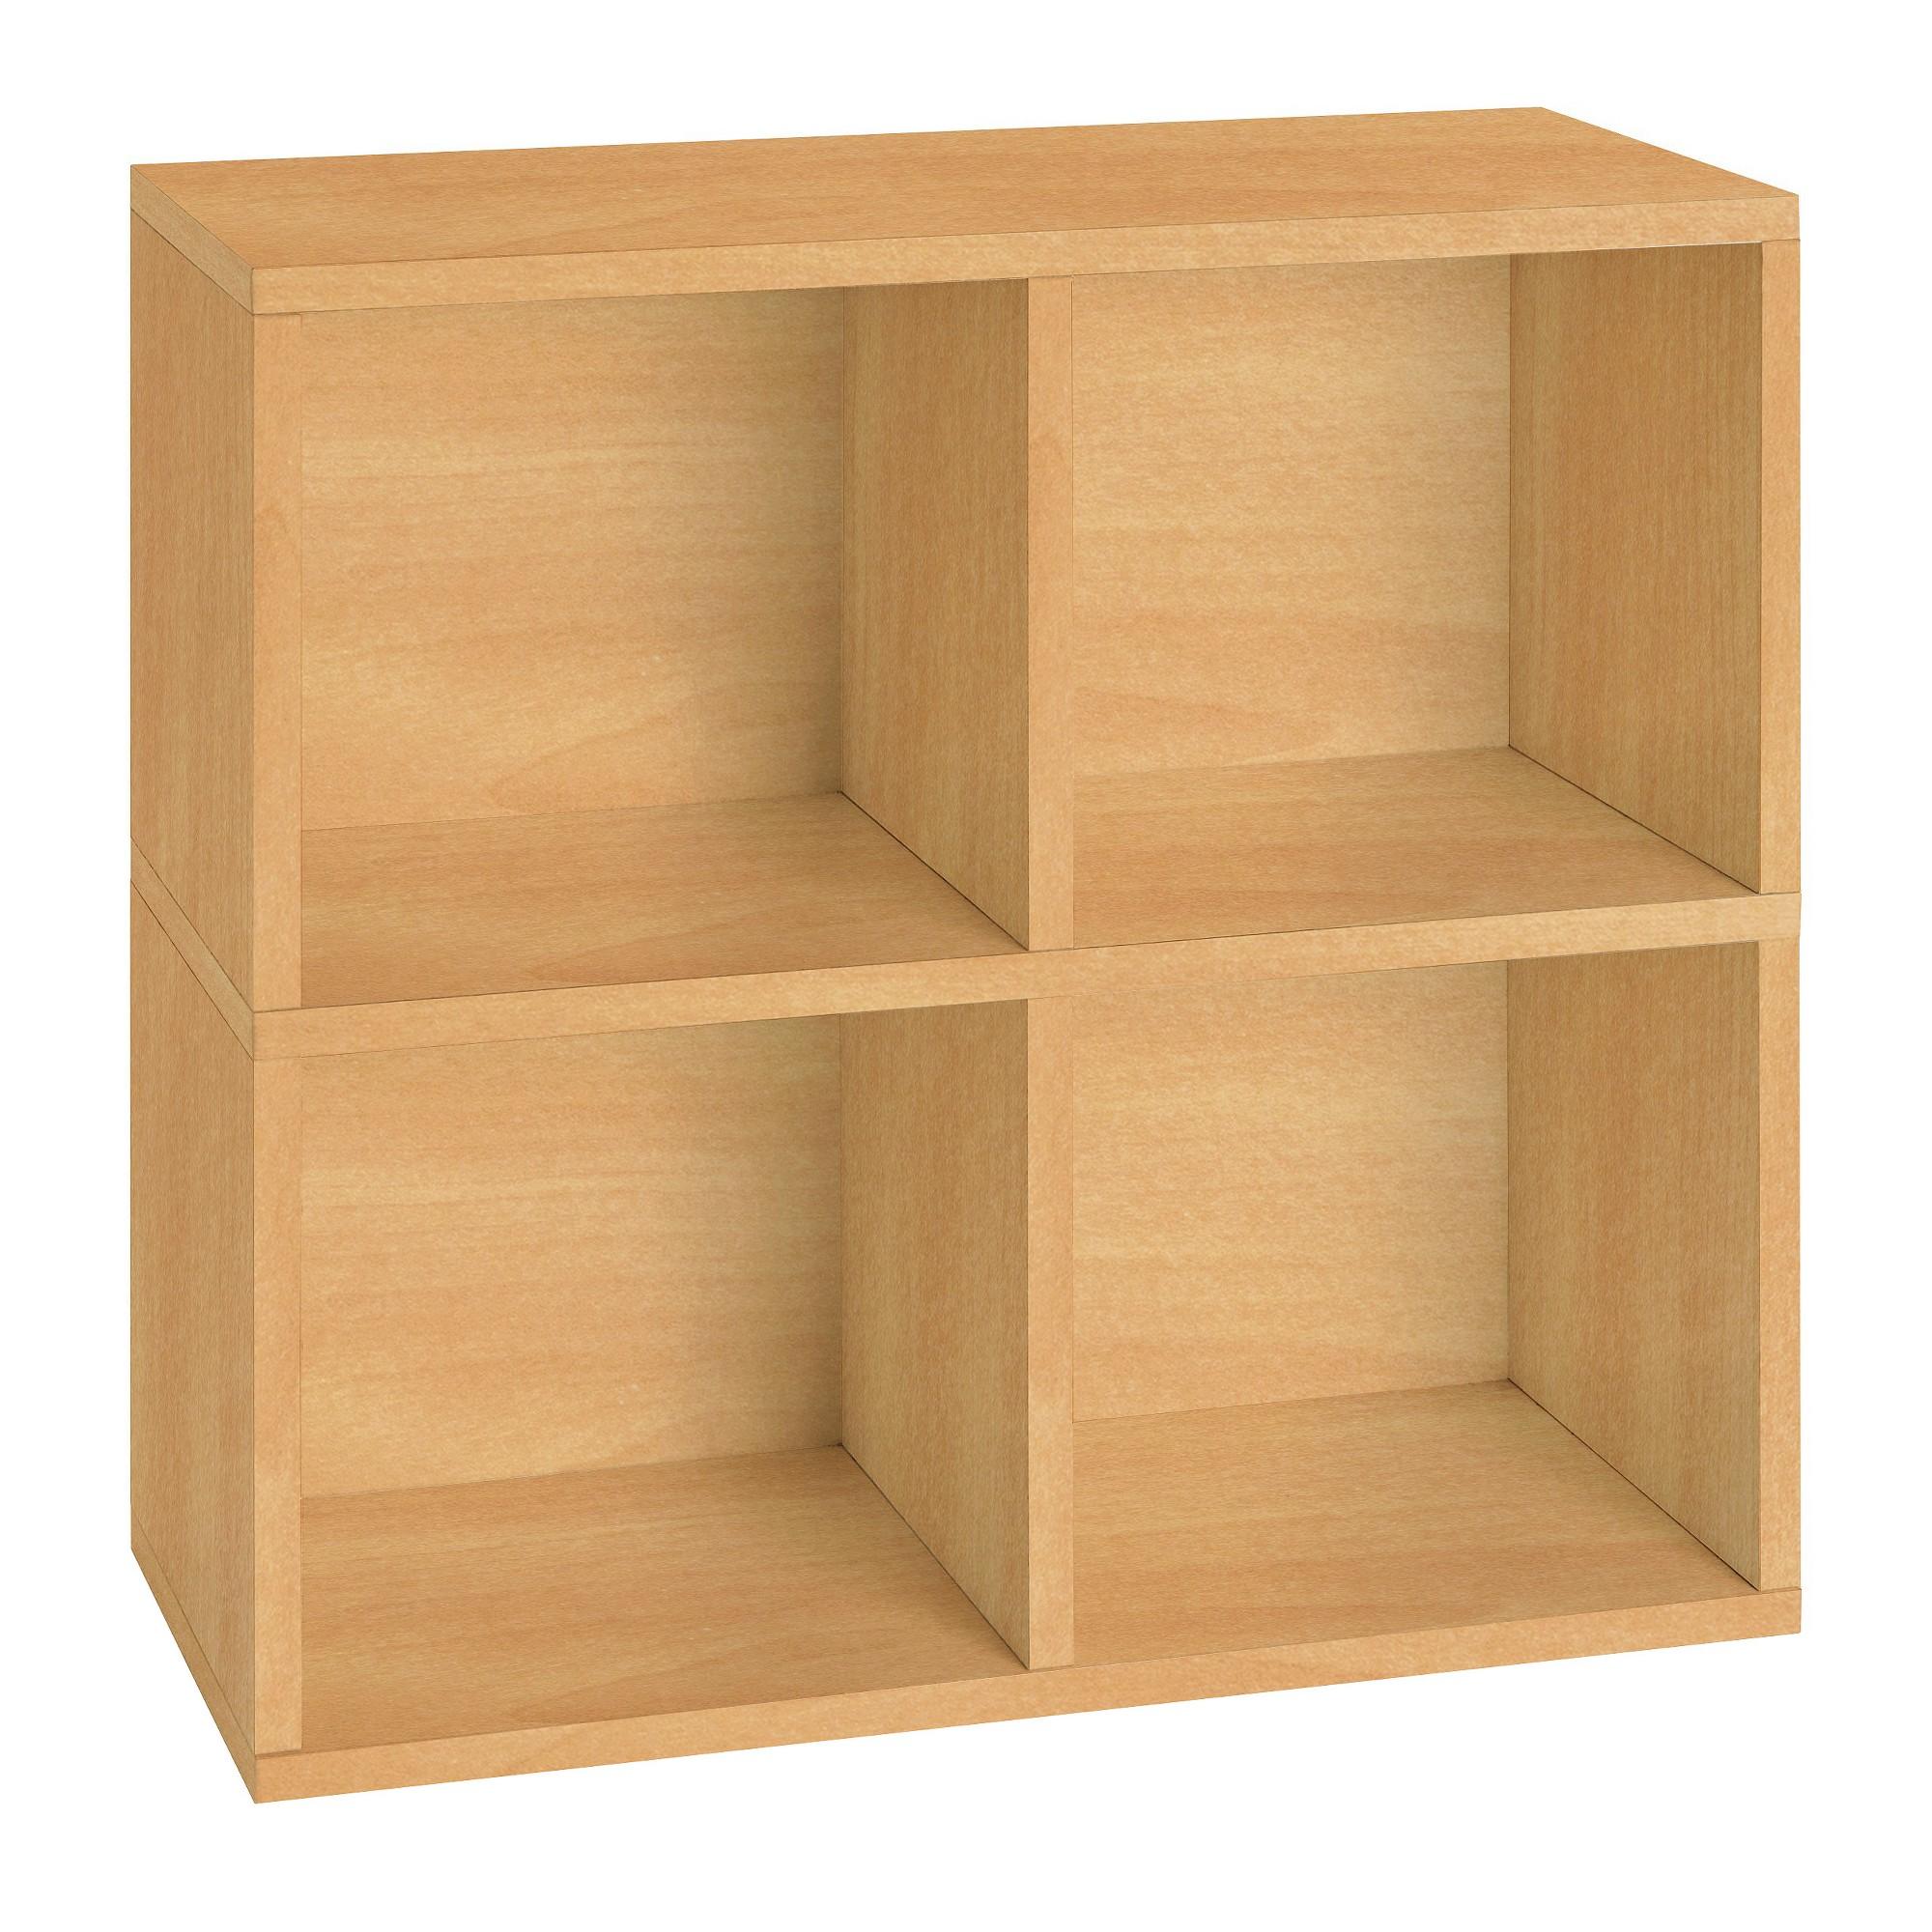 Decorative Bookshelf Desert Tan